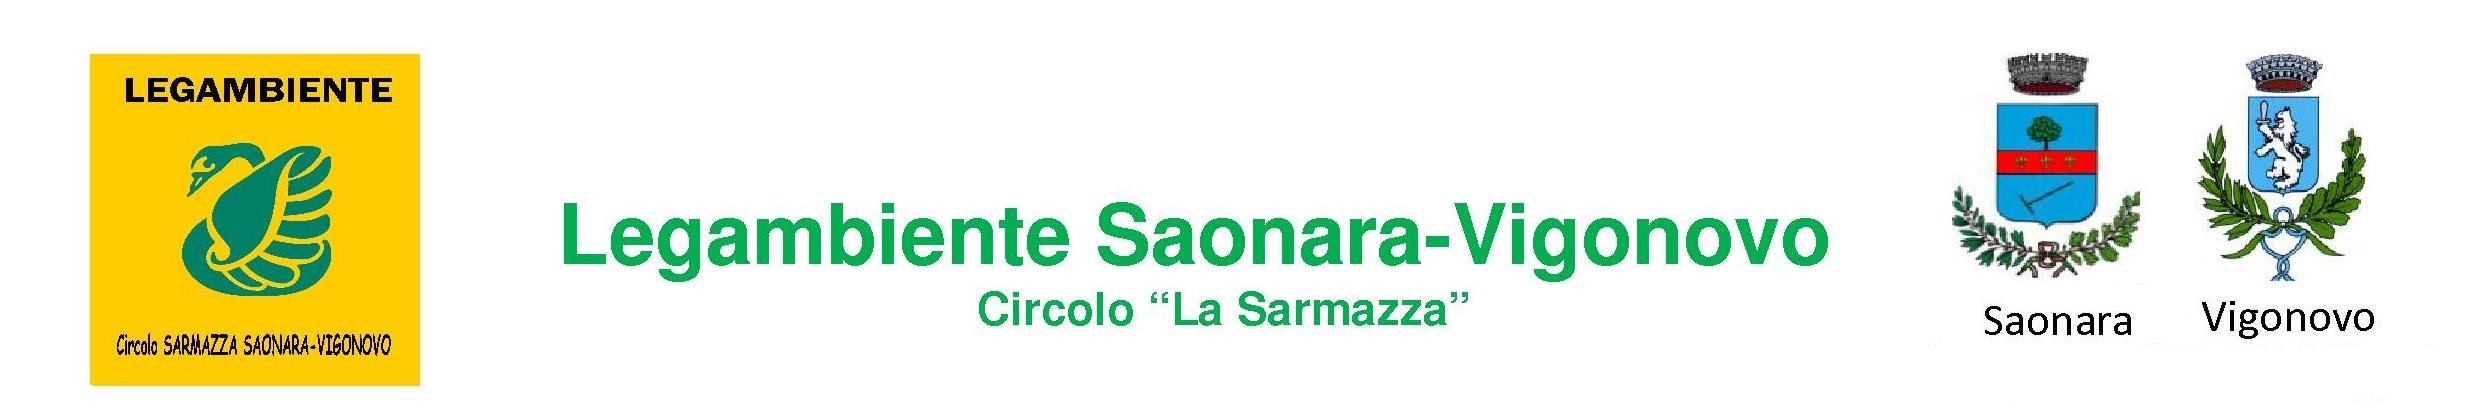 Legambiente Saonara-Vigonovo